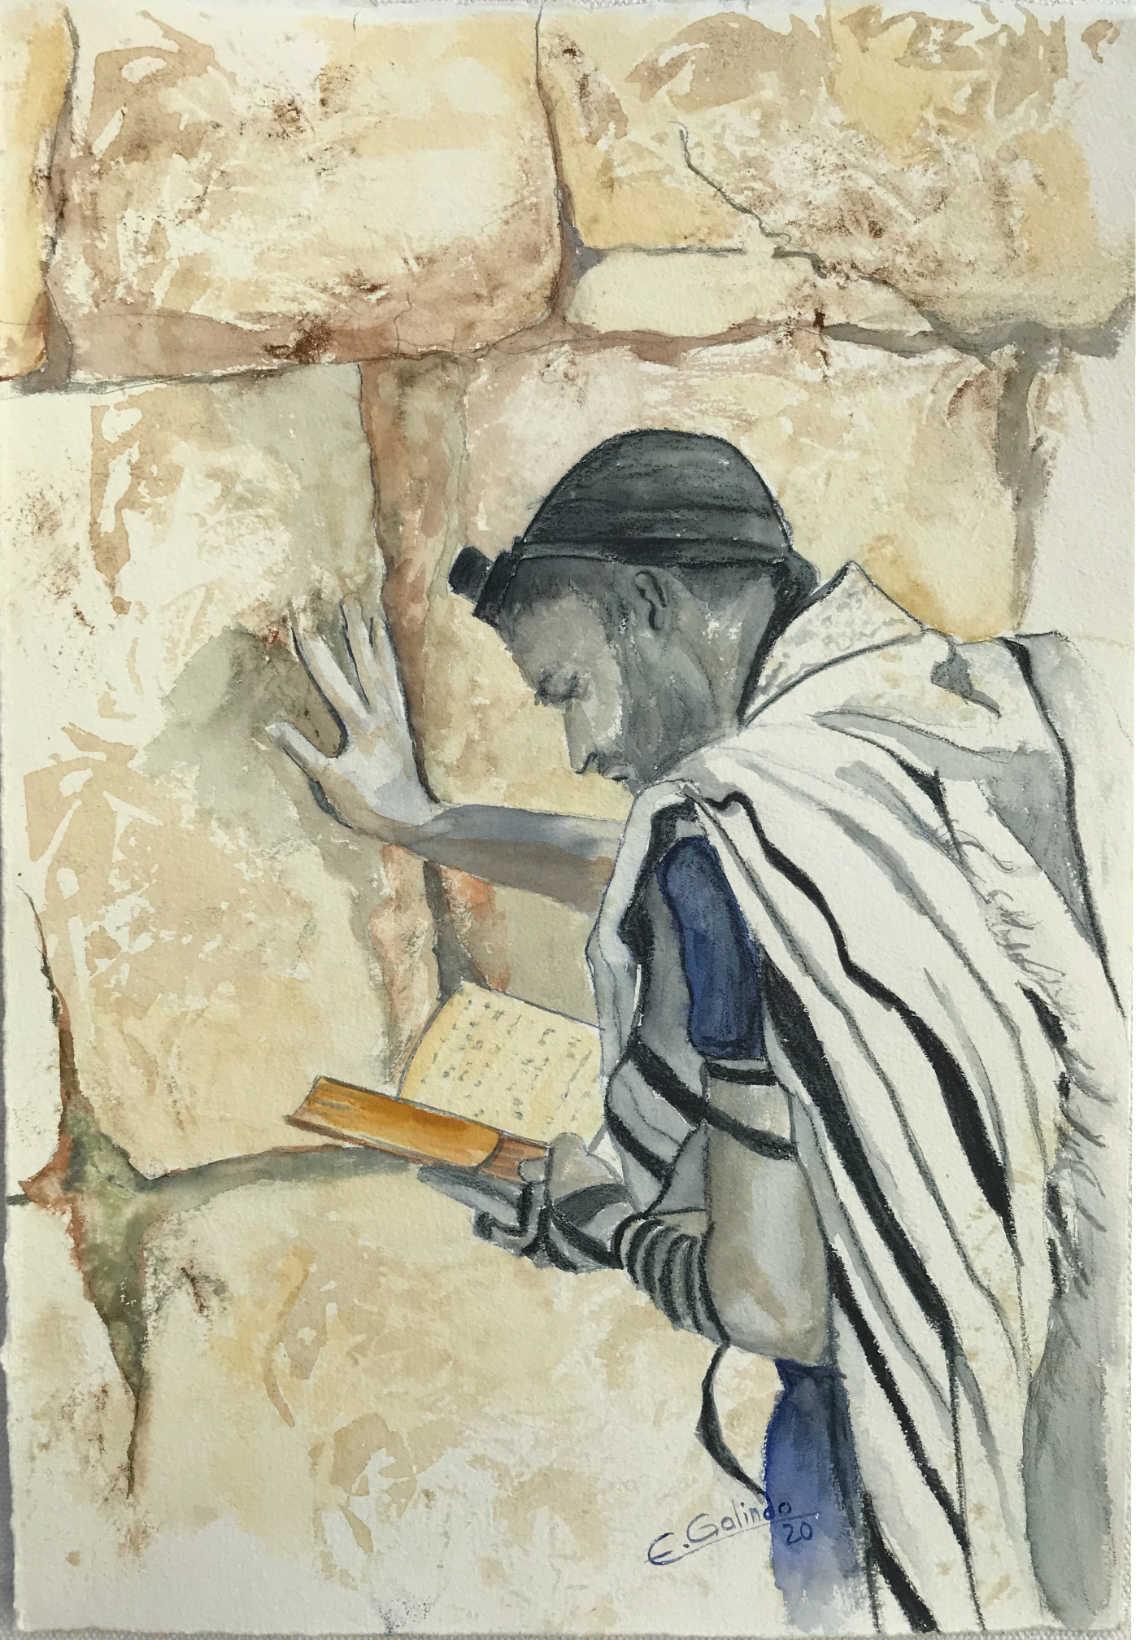 Orante Muro II